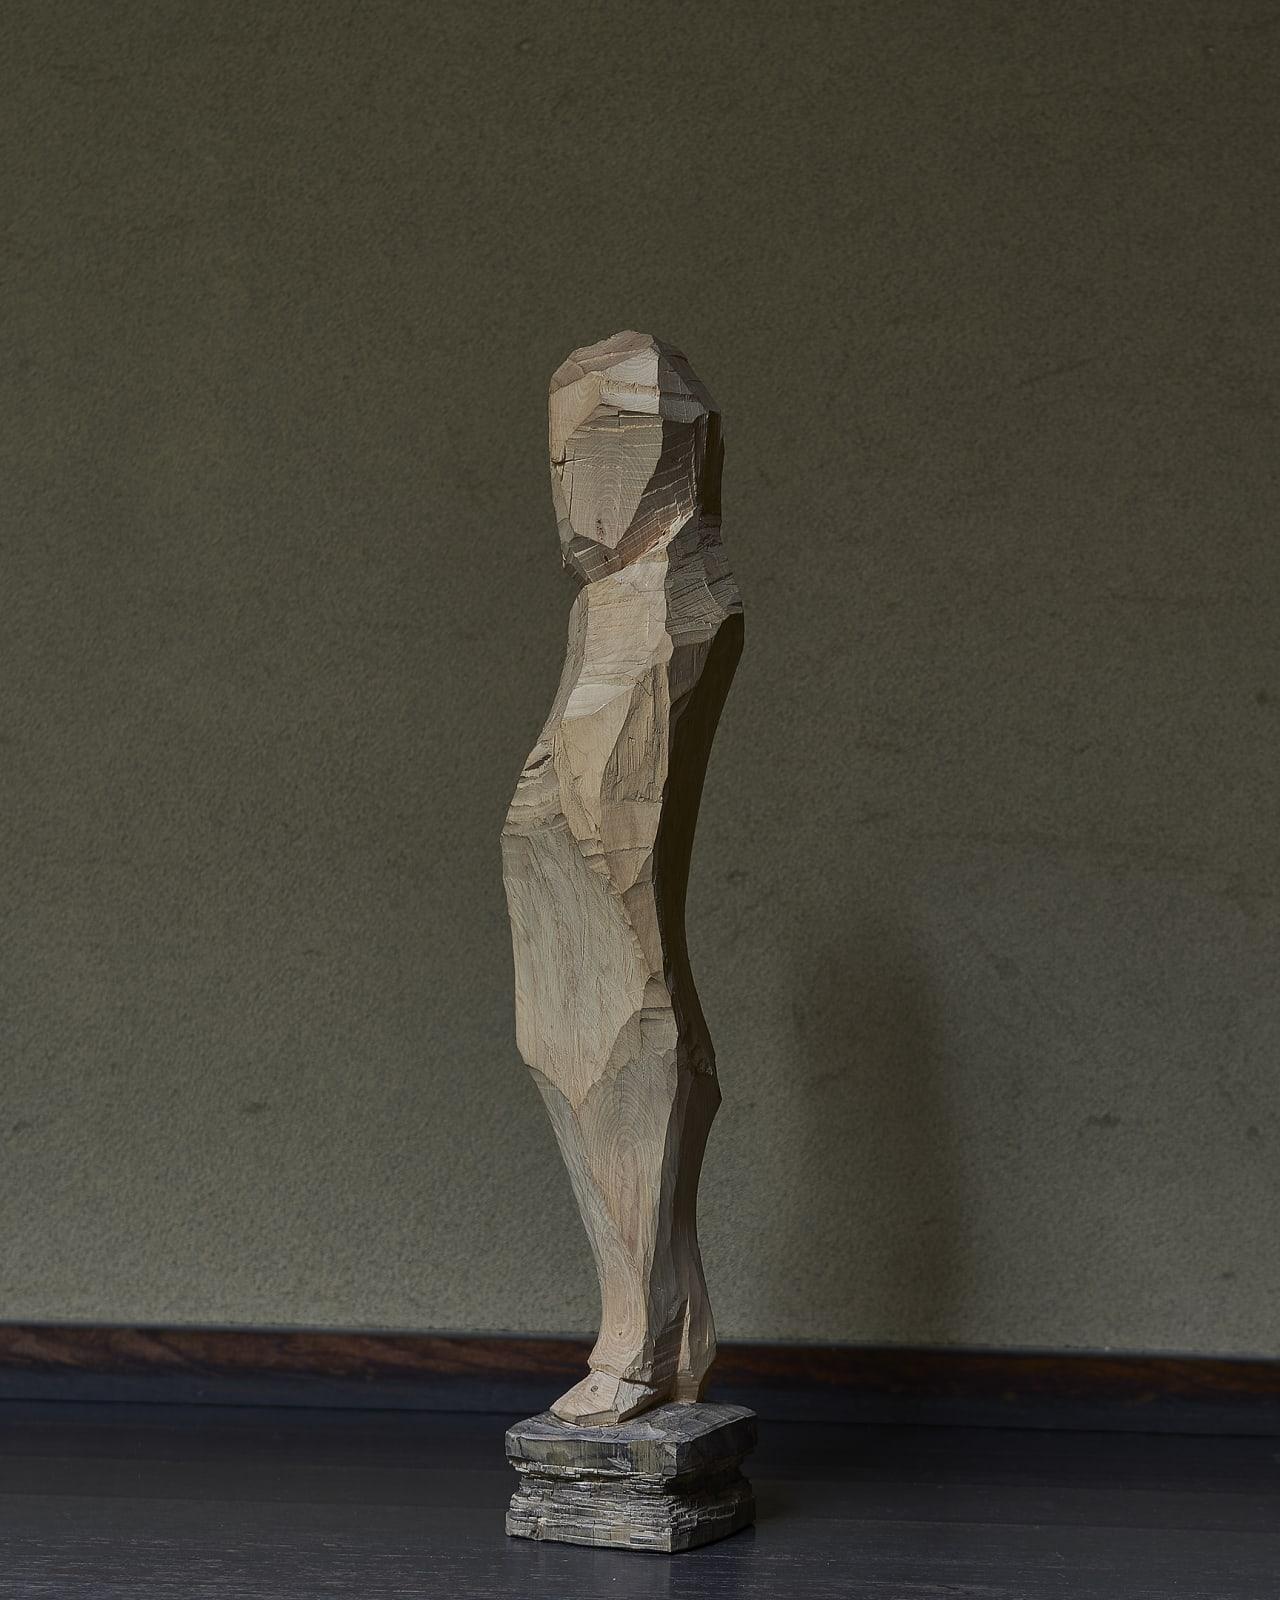 Sho Kishino, Standing Figure, 2020